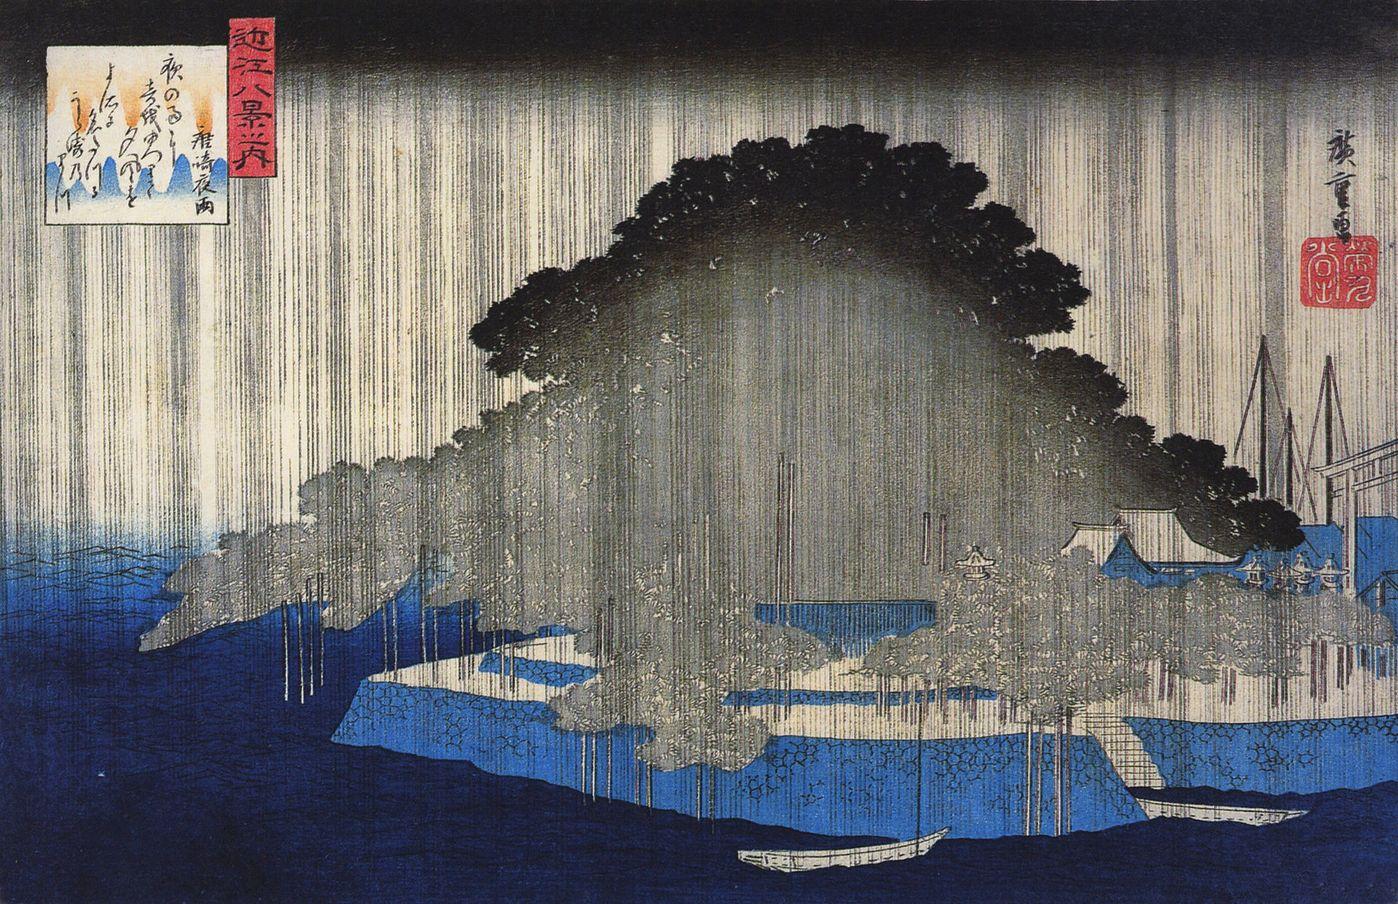 近江八景唐崎夜雨